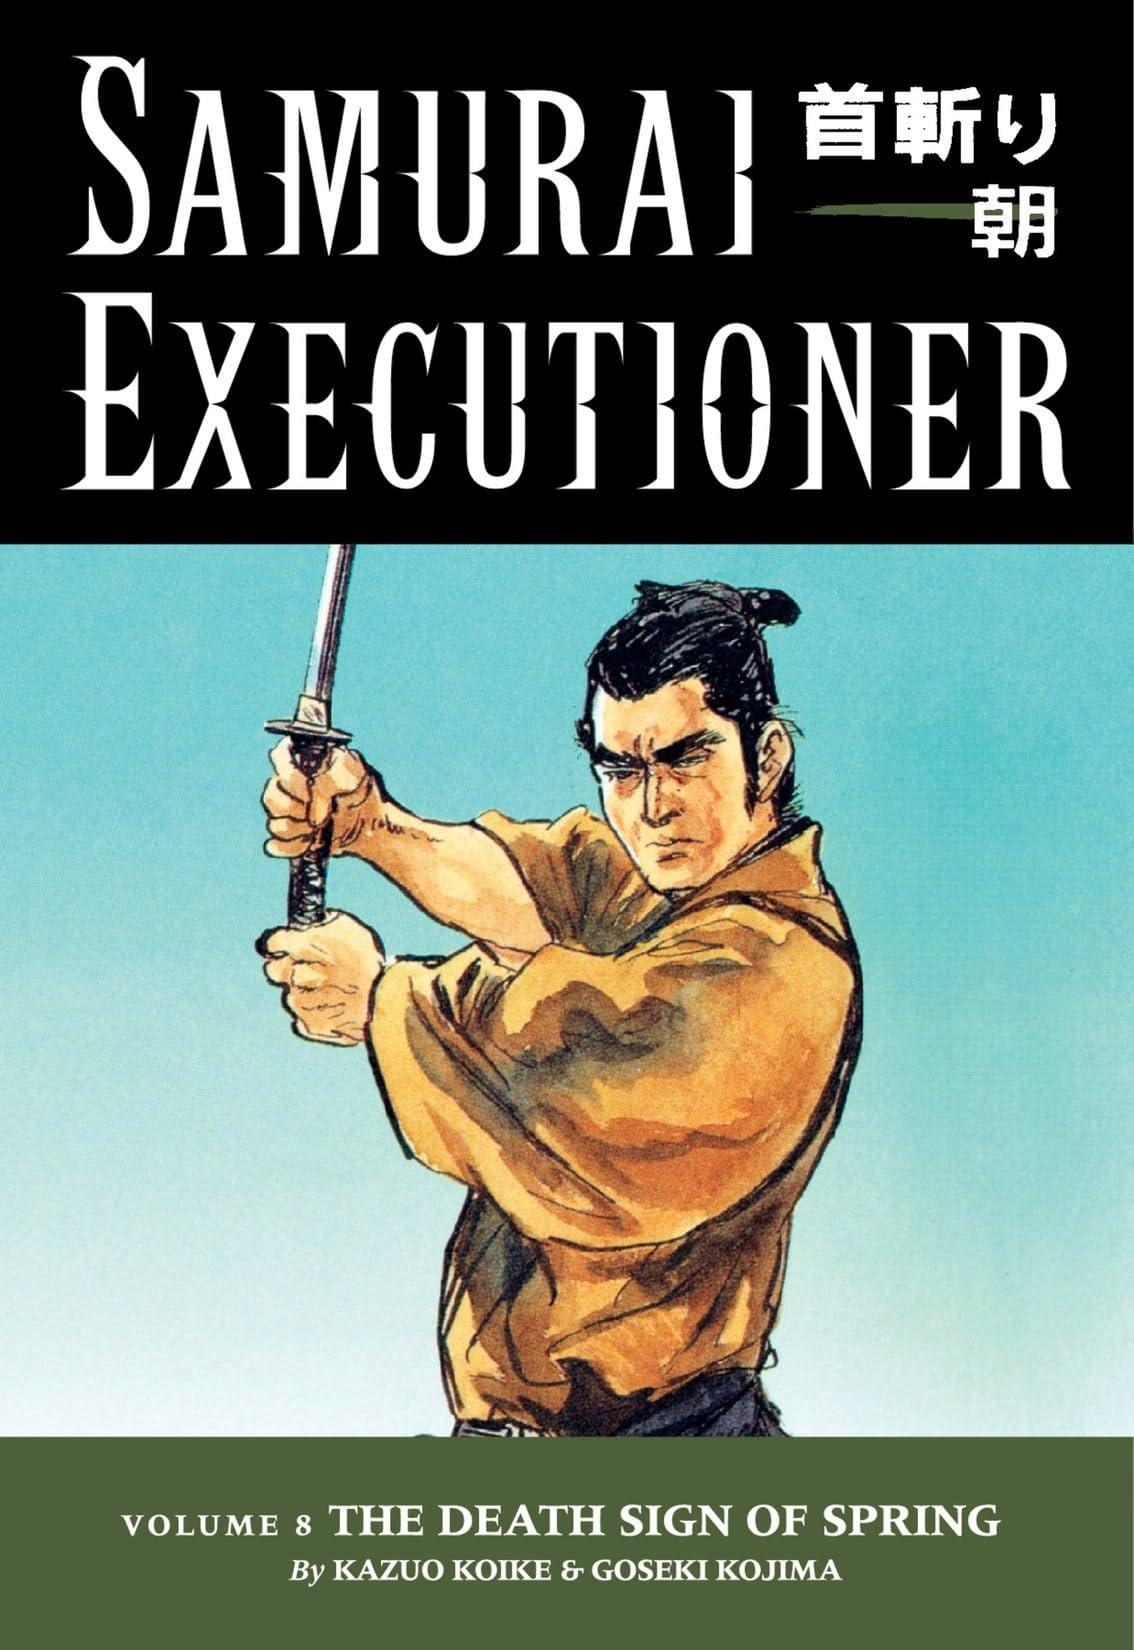 Samurai Executioner Vol. 8: The Death Sign of Spring